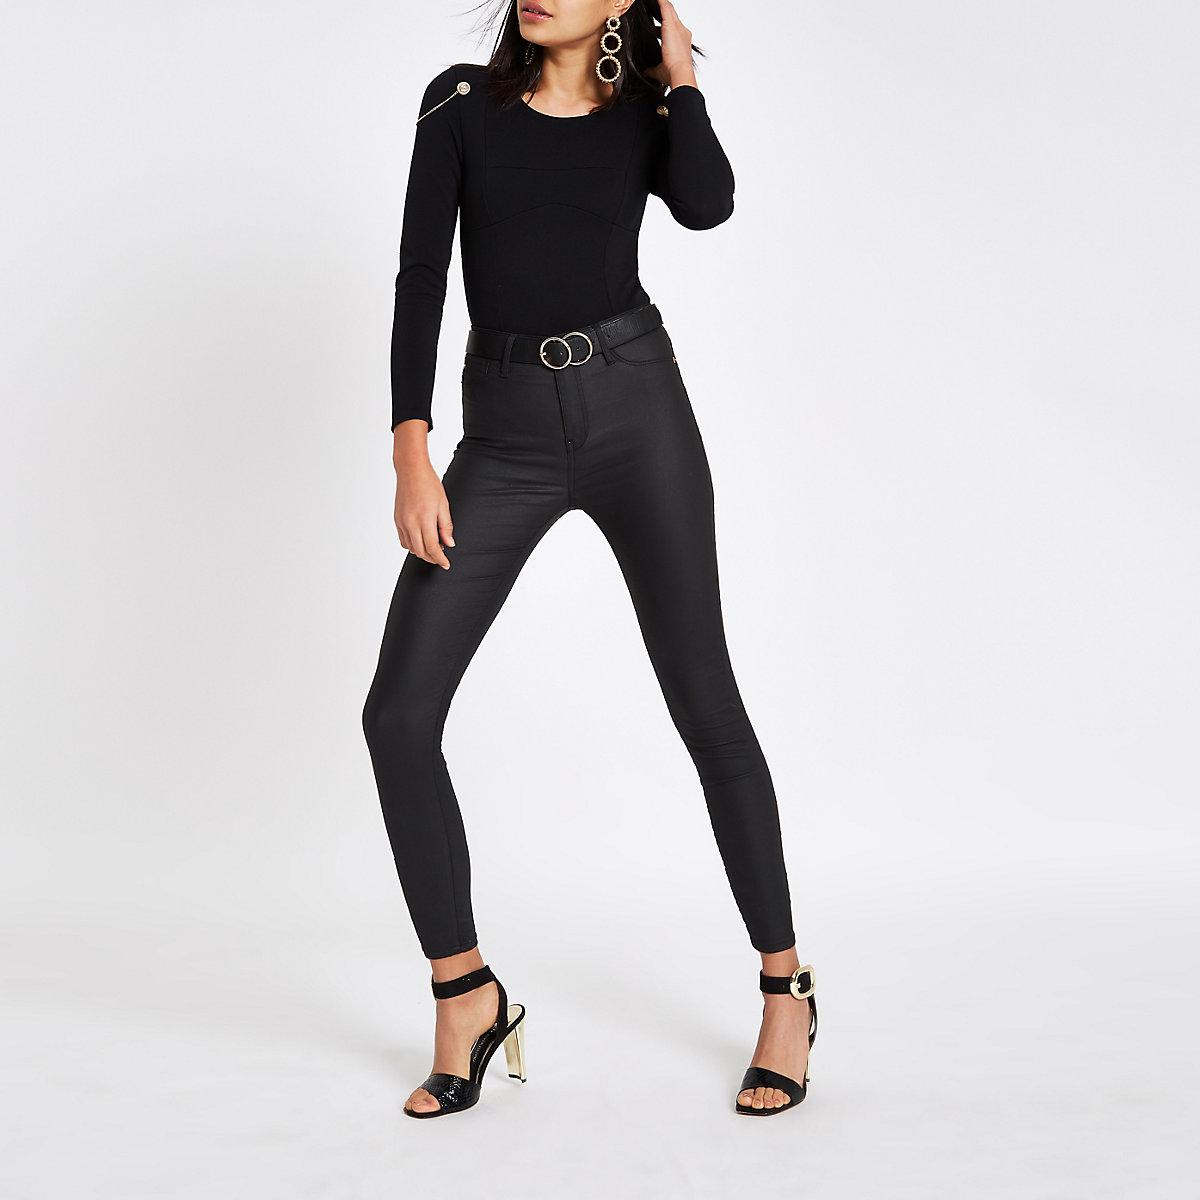 Black shoulder padded bodysuit